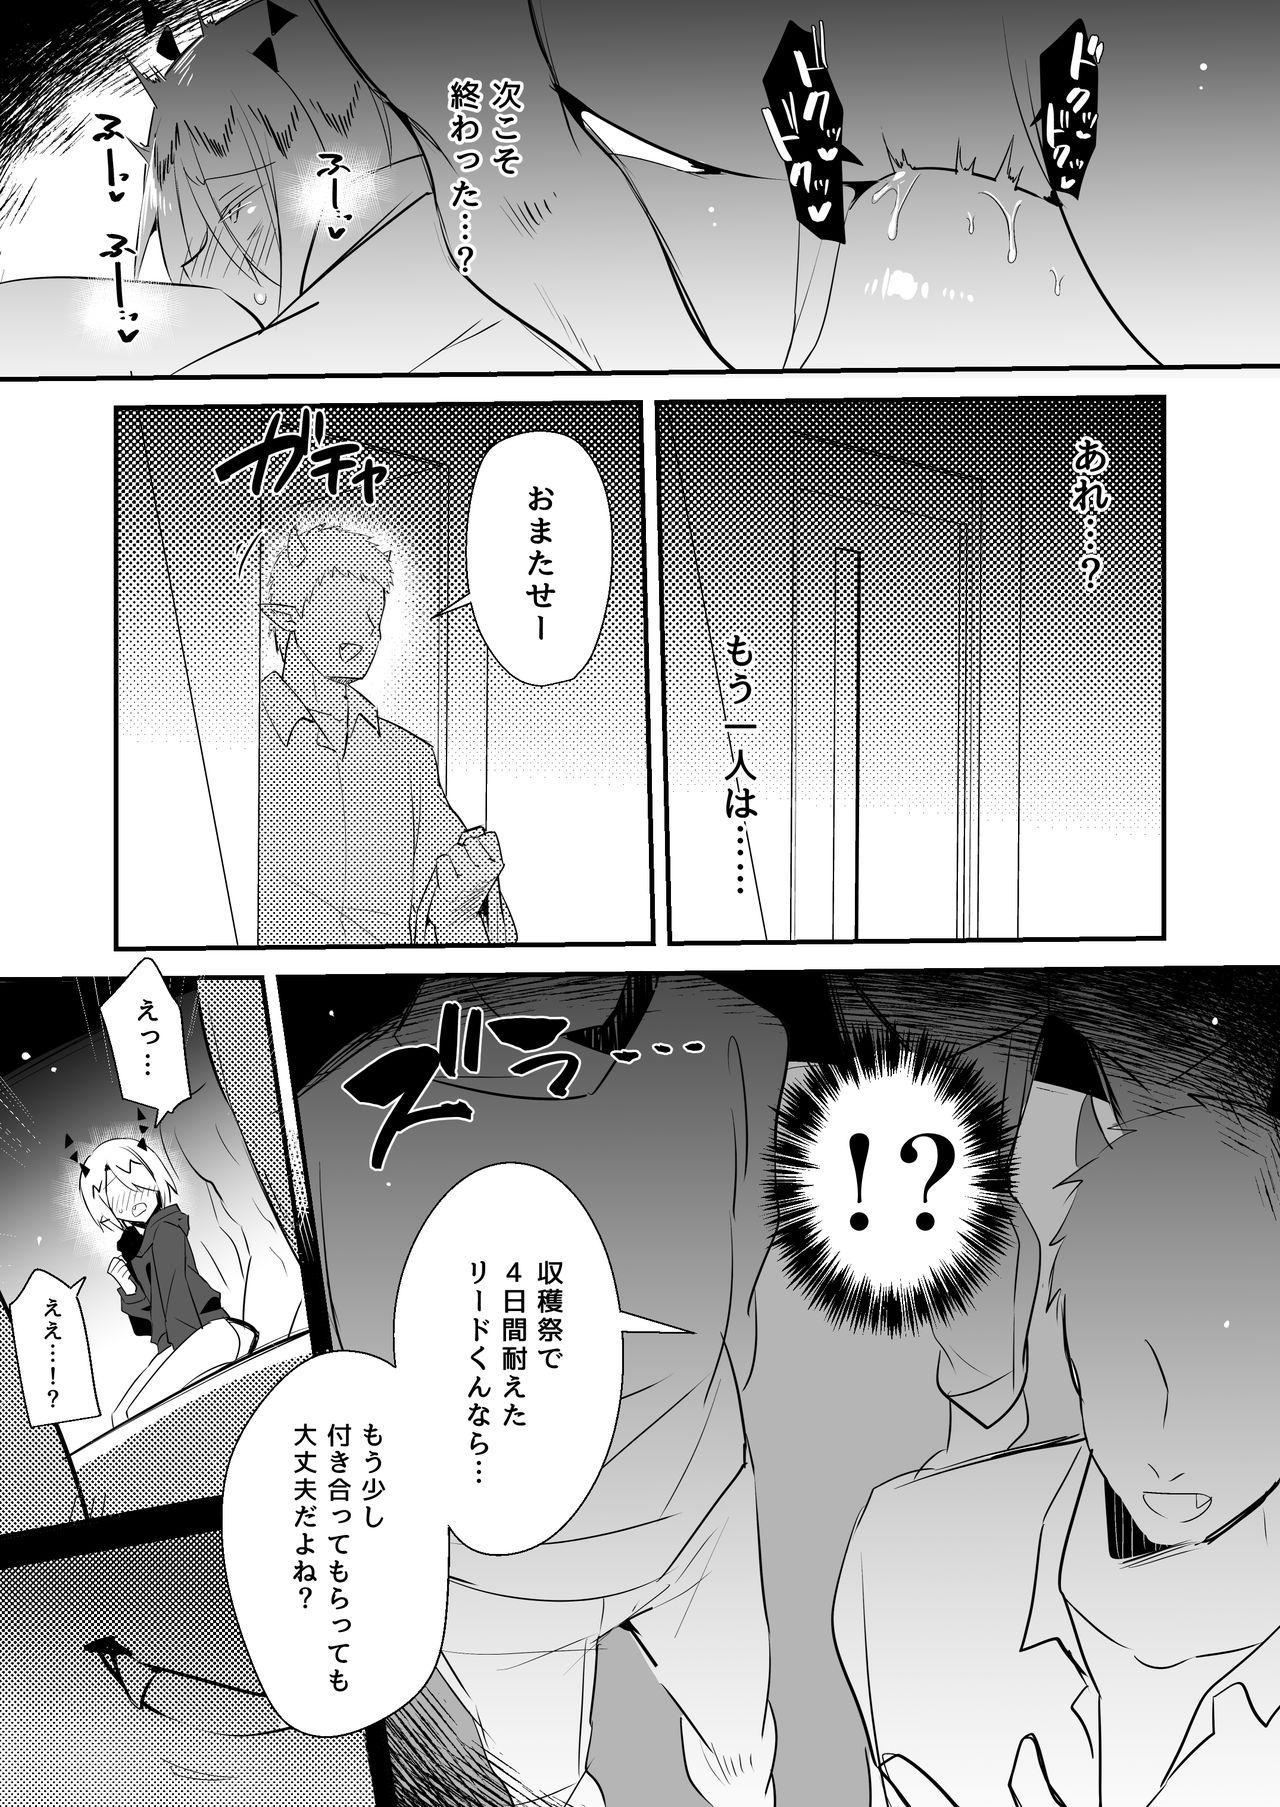 Waka Ou-kun wa Otona ni Naritai 24